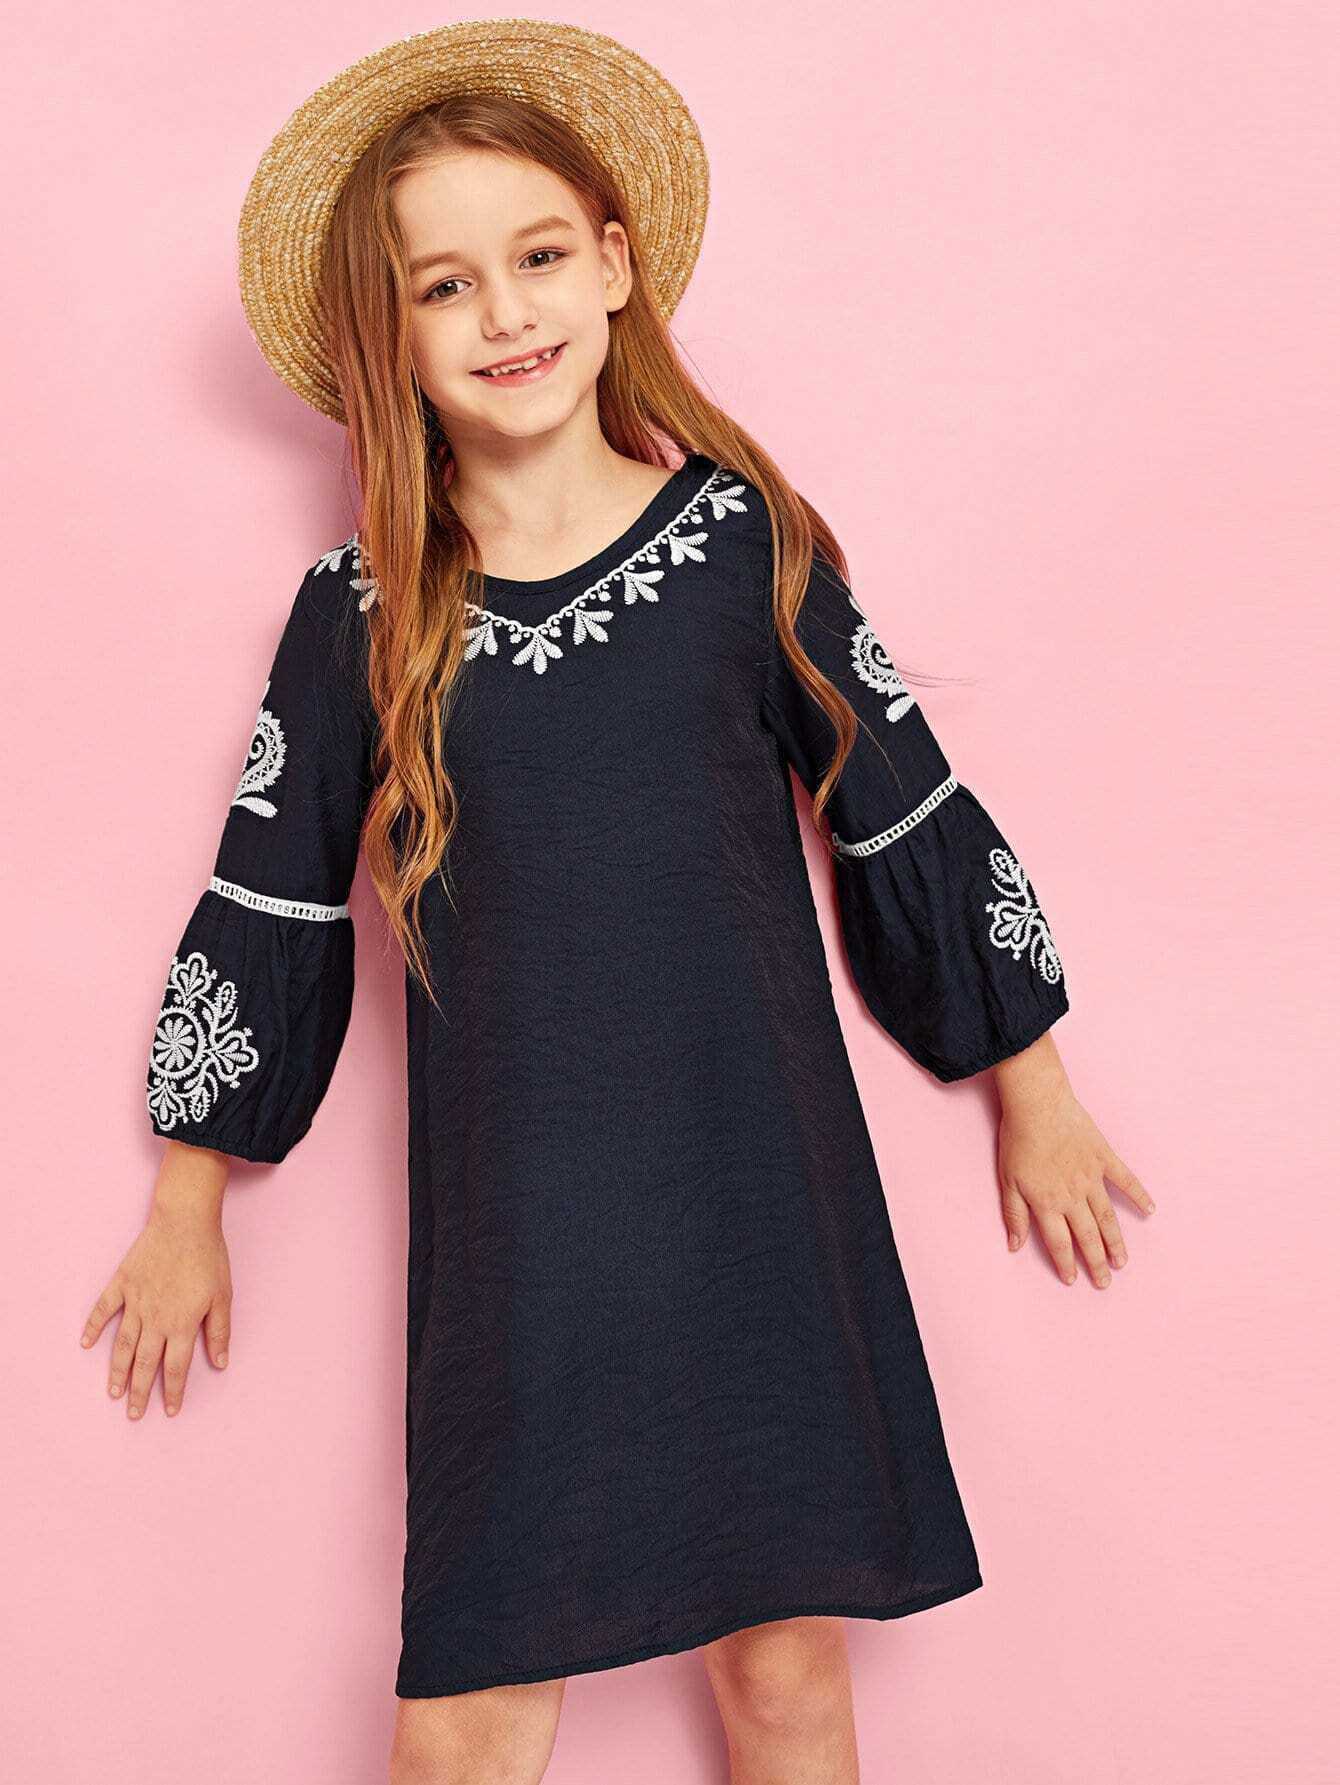 Купить Лазерное длинное платье и с рисунками вышивки для девочки, Sashab, SheIn